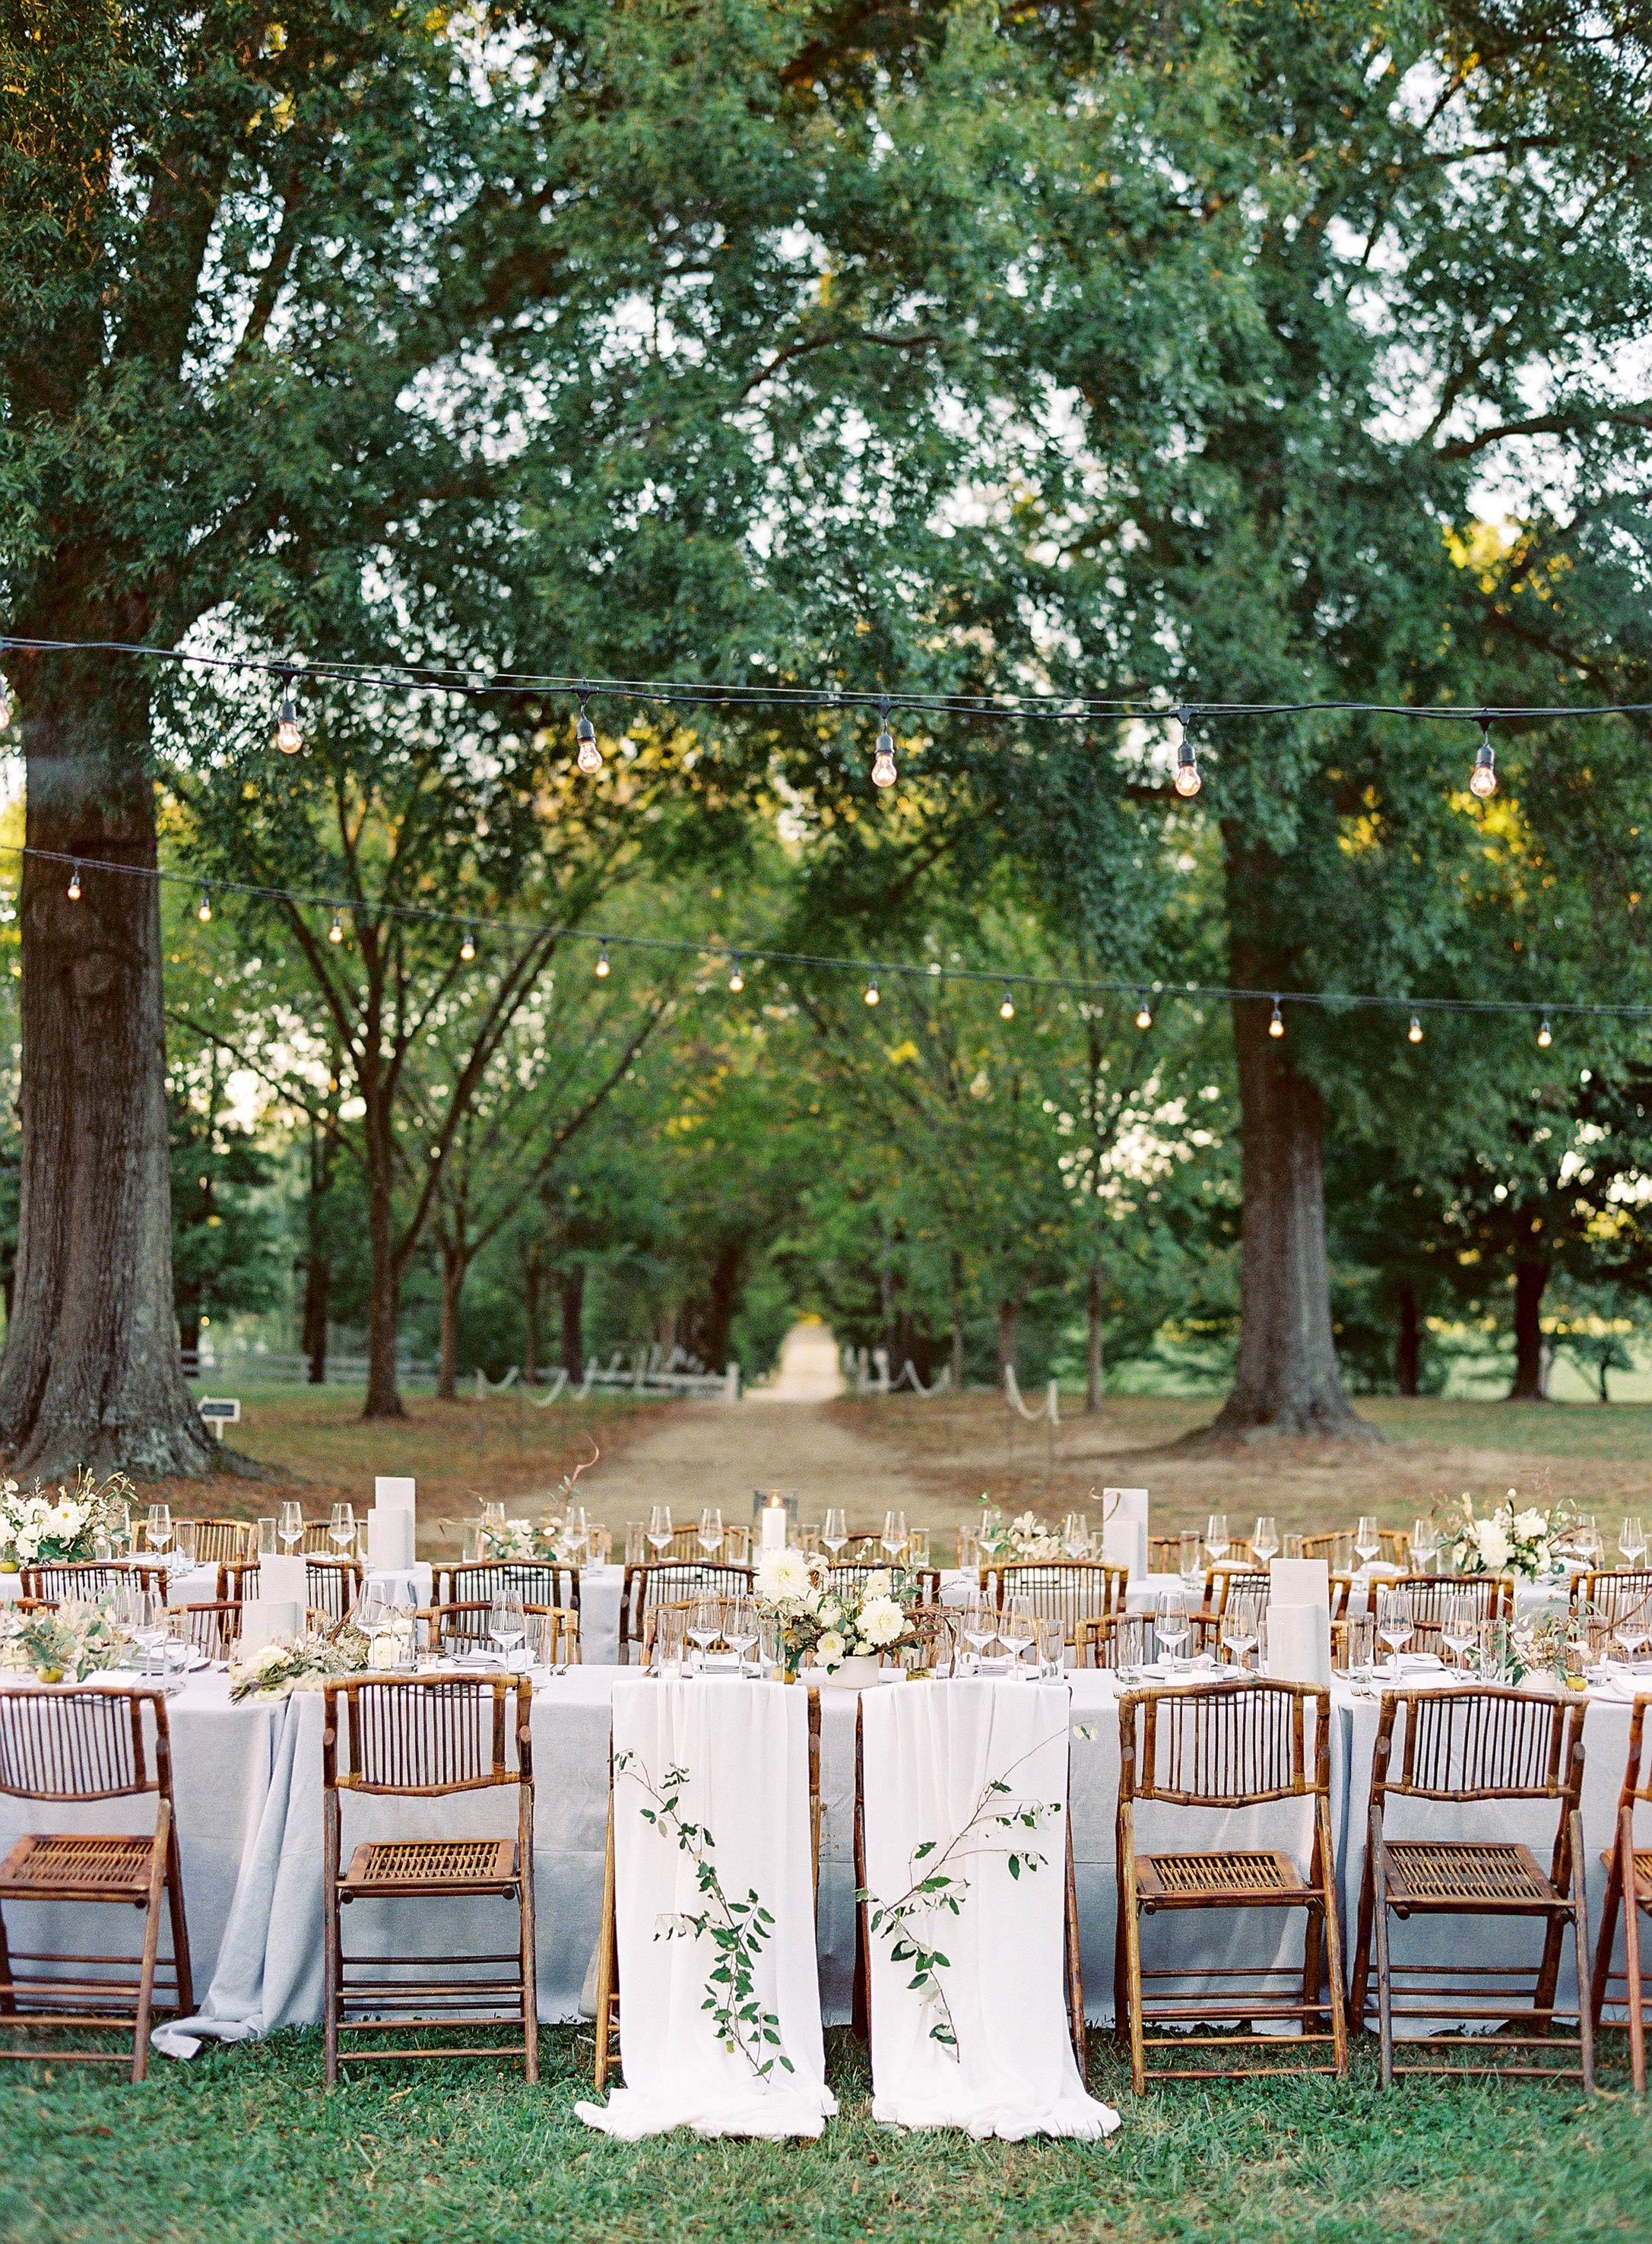 linda robert wedding chairbacks